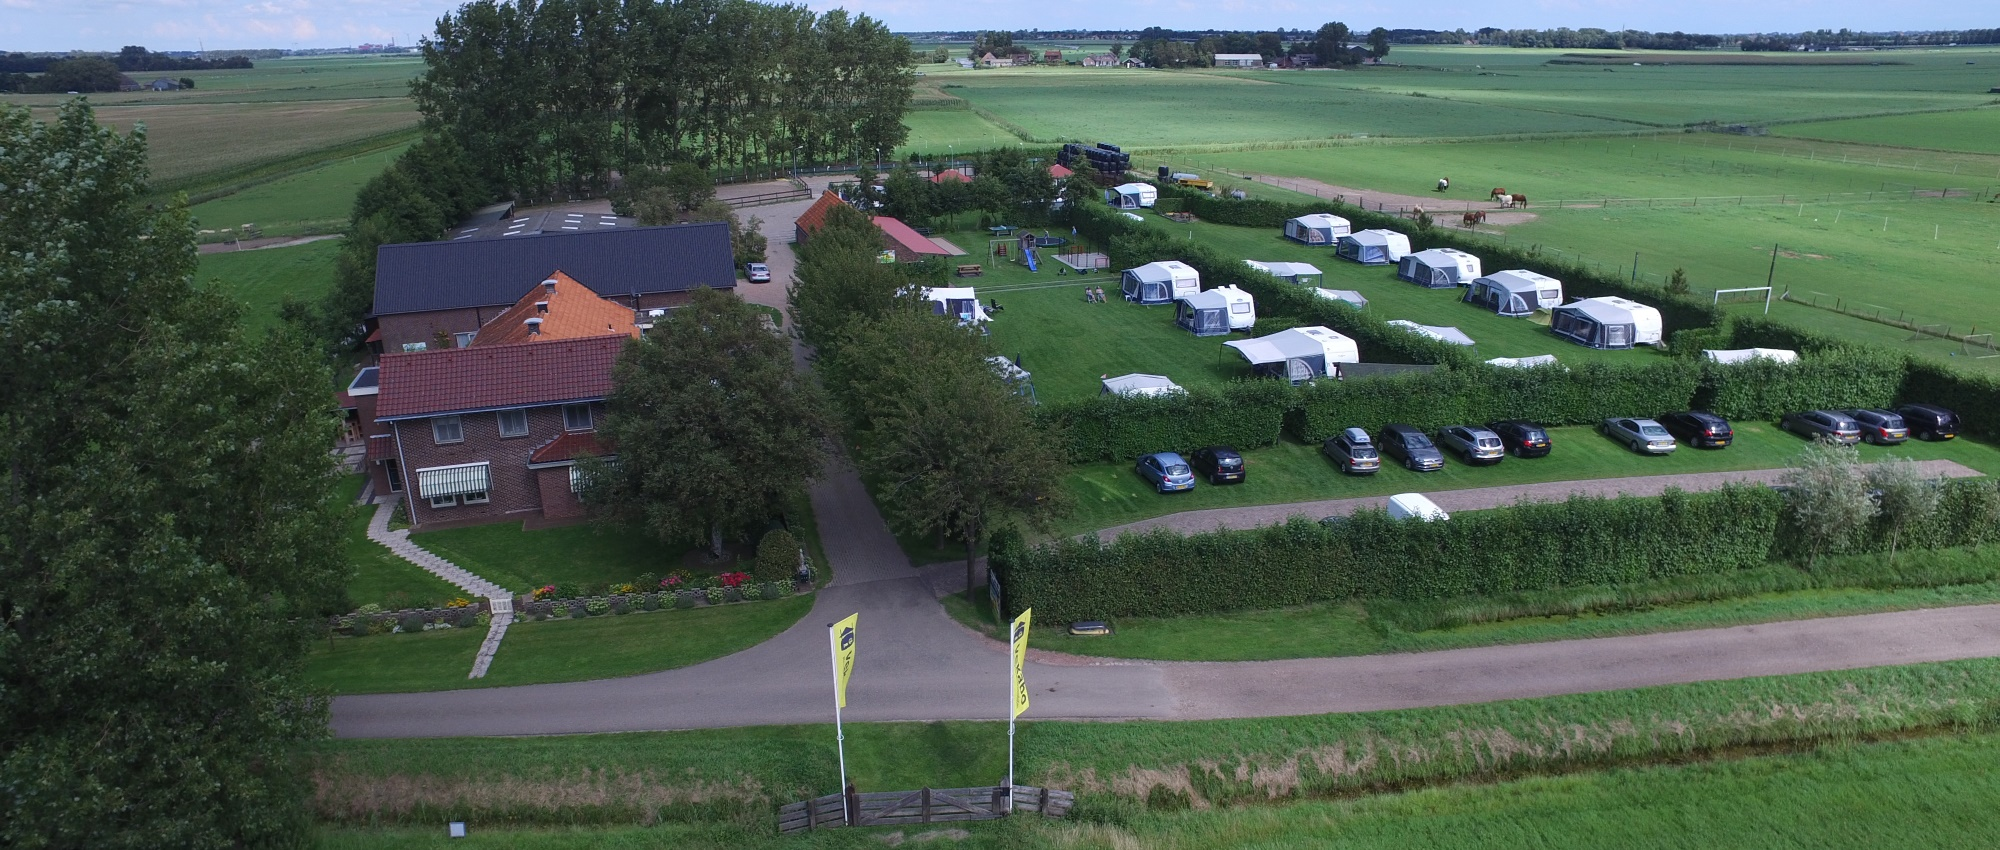 gezellige vekabo camping